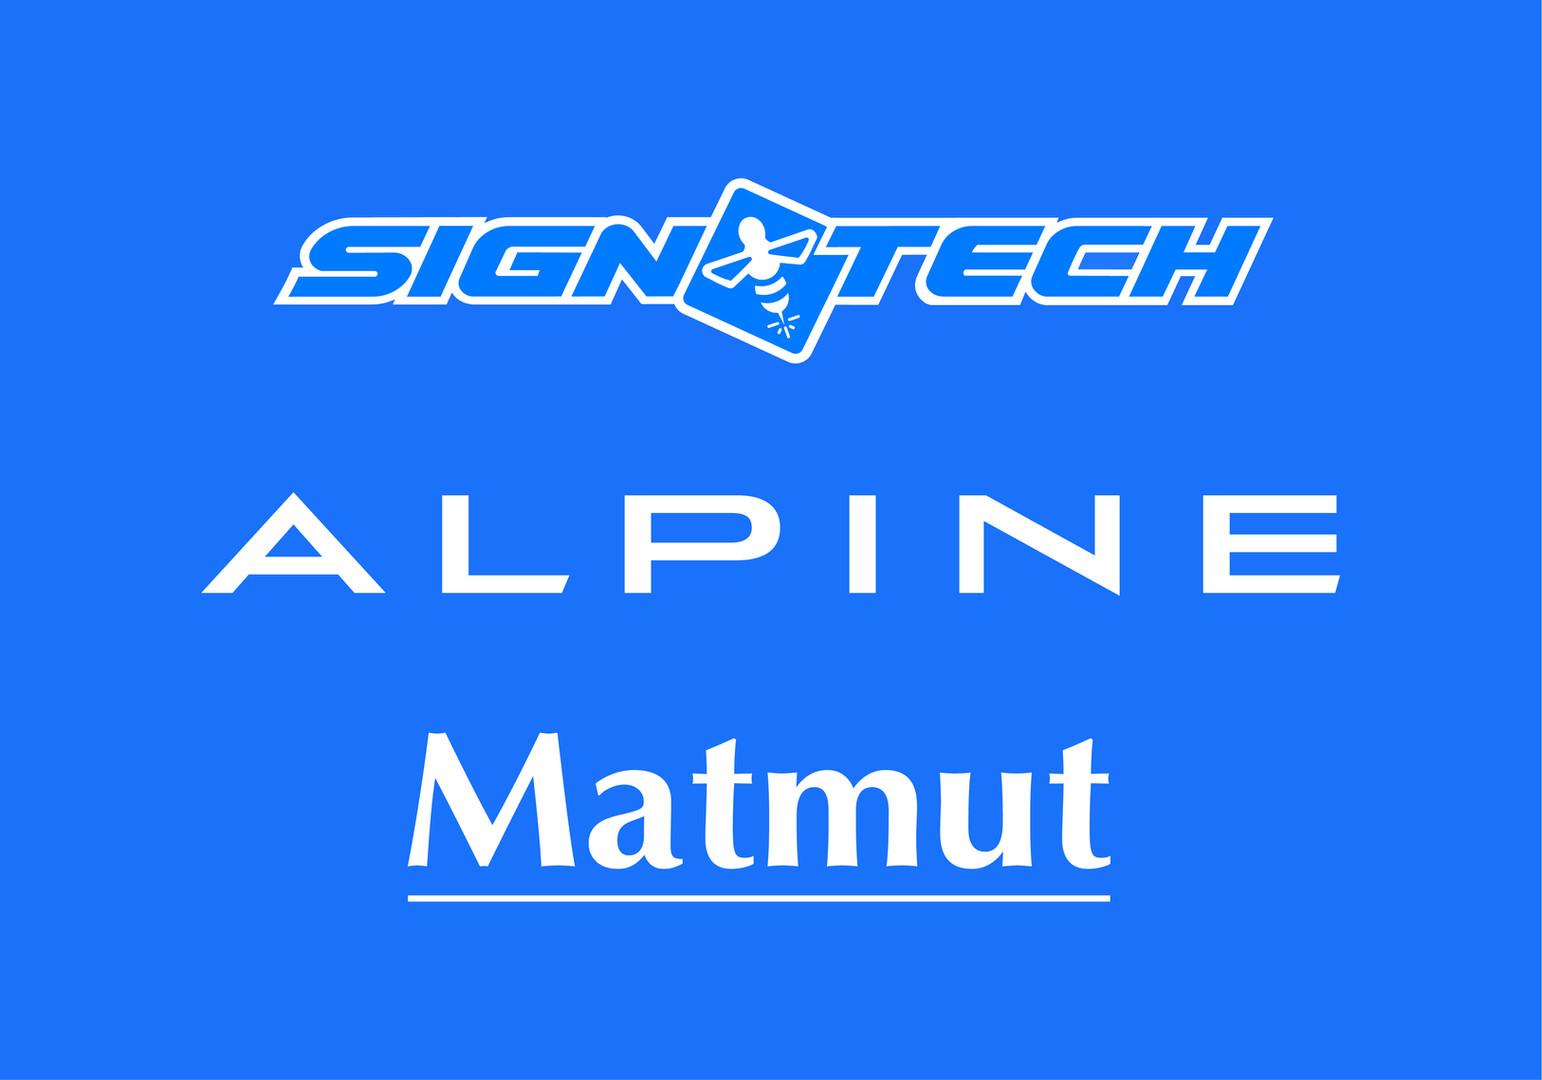 ALPINE SIGNATECH MATMUT